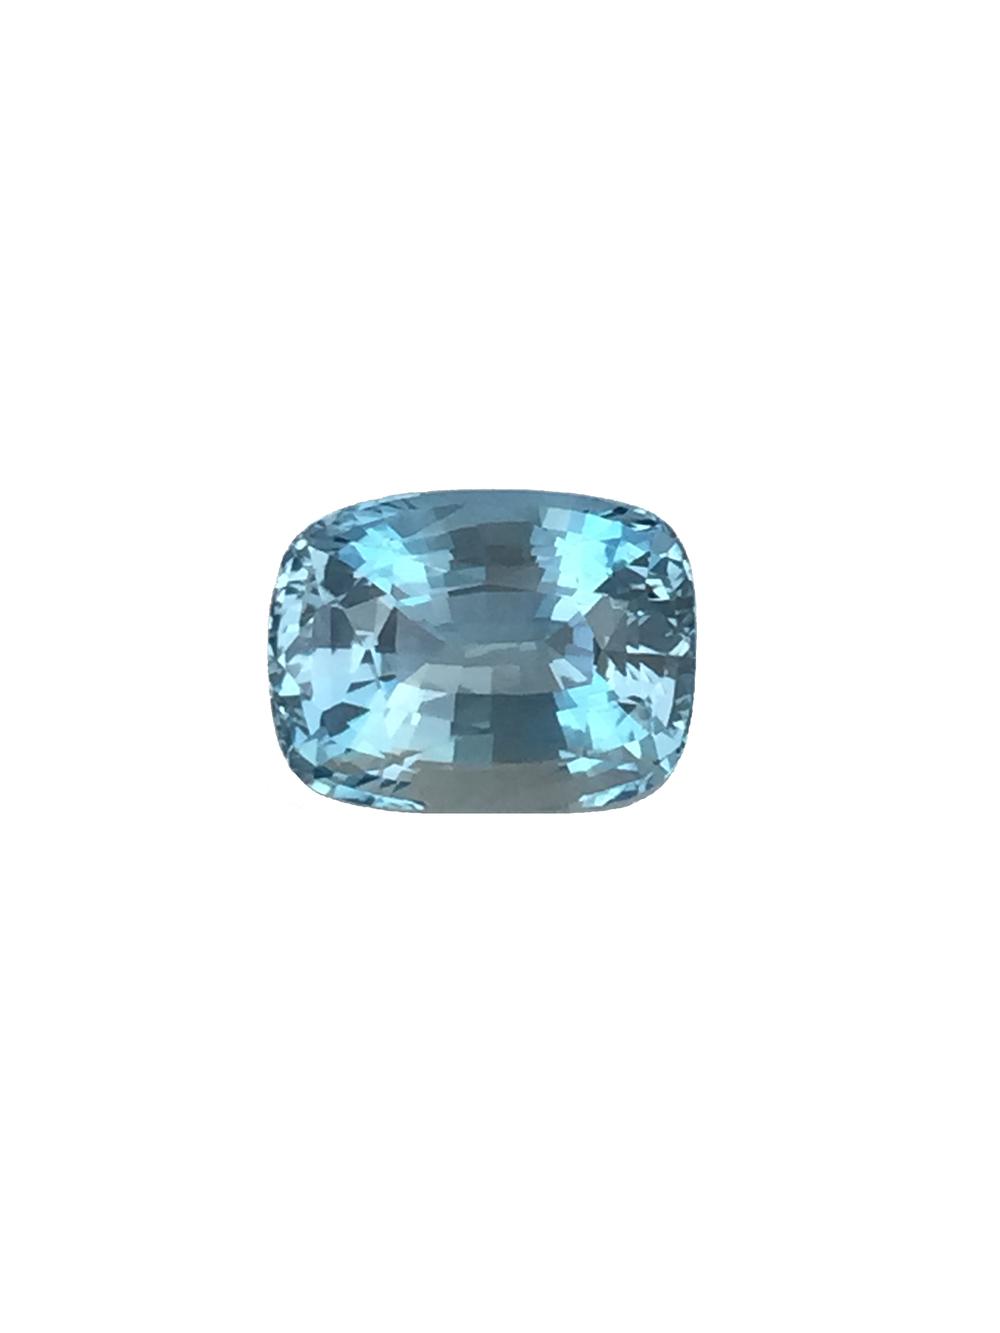 Aqua4.48.JPG